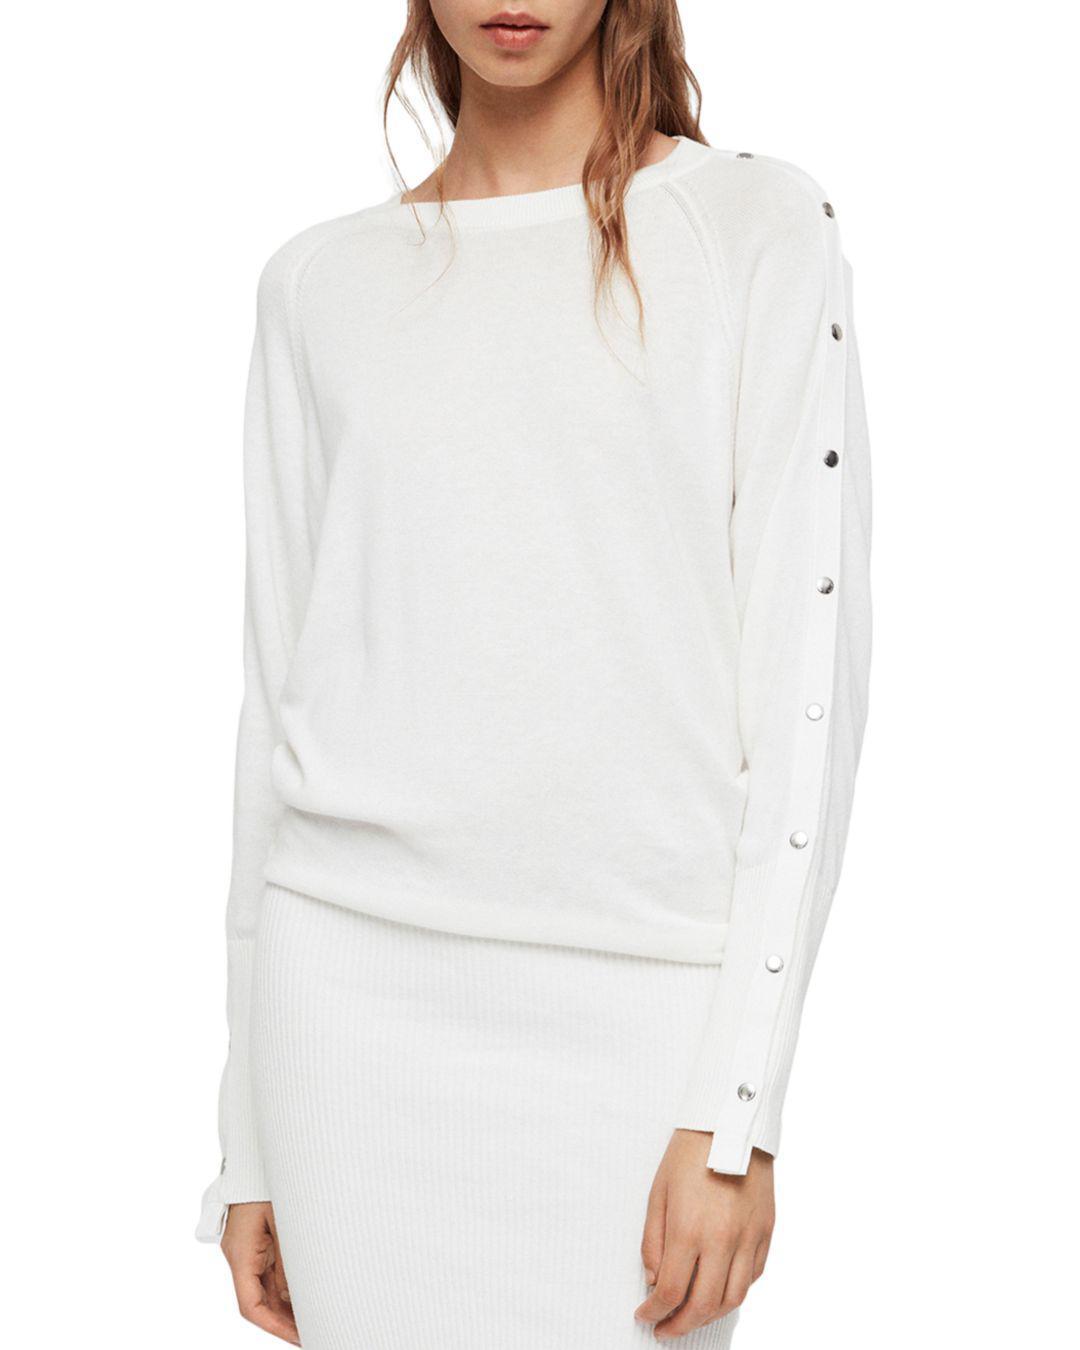 8ecae3f460d AllSaints Suzie Snap-sleeve Sweater Dress in White - Lyst